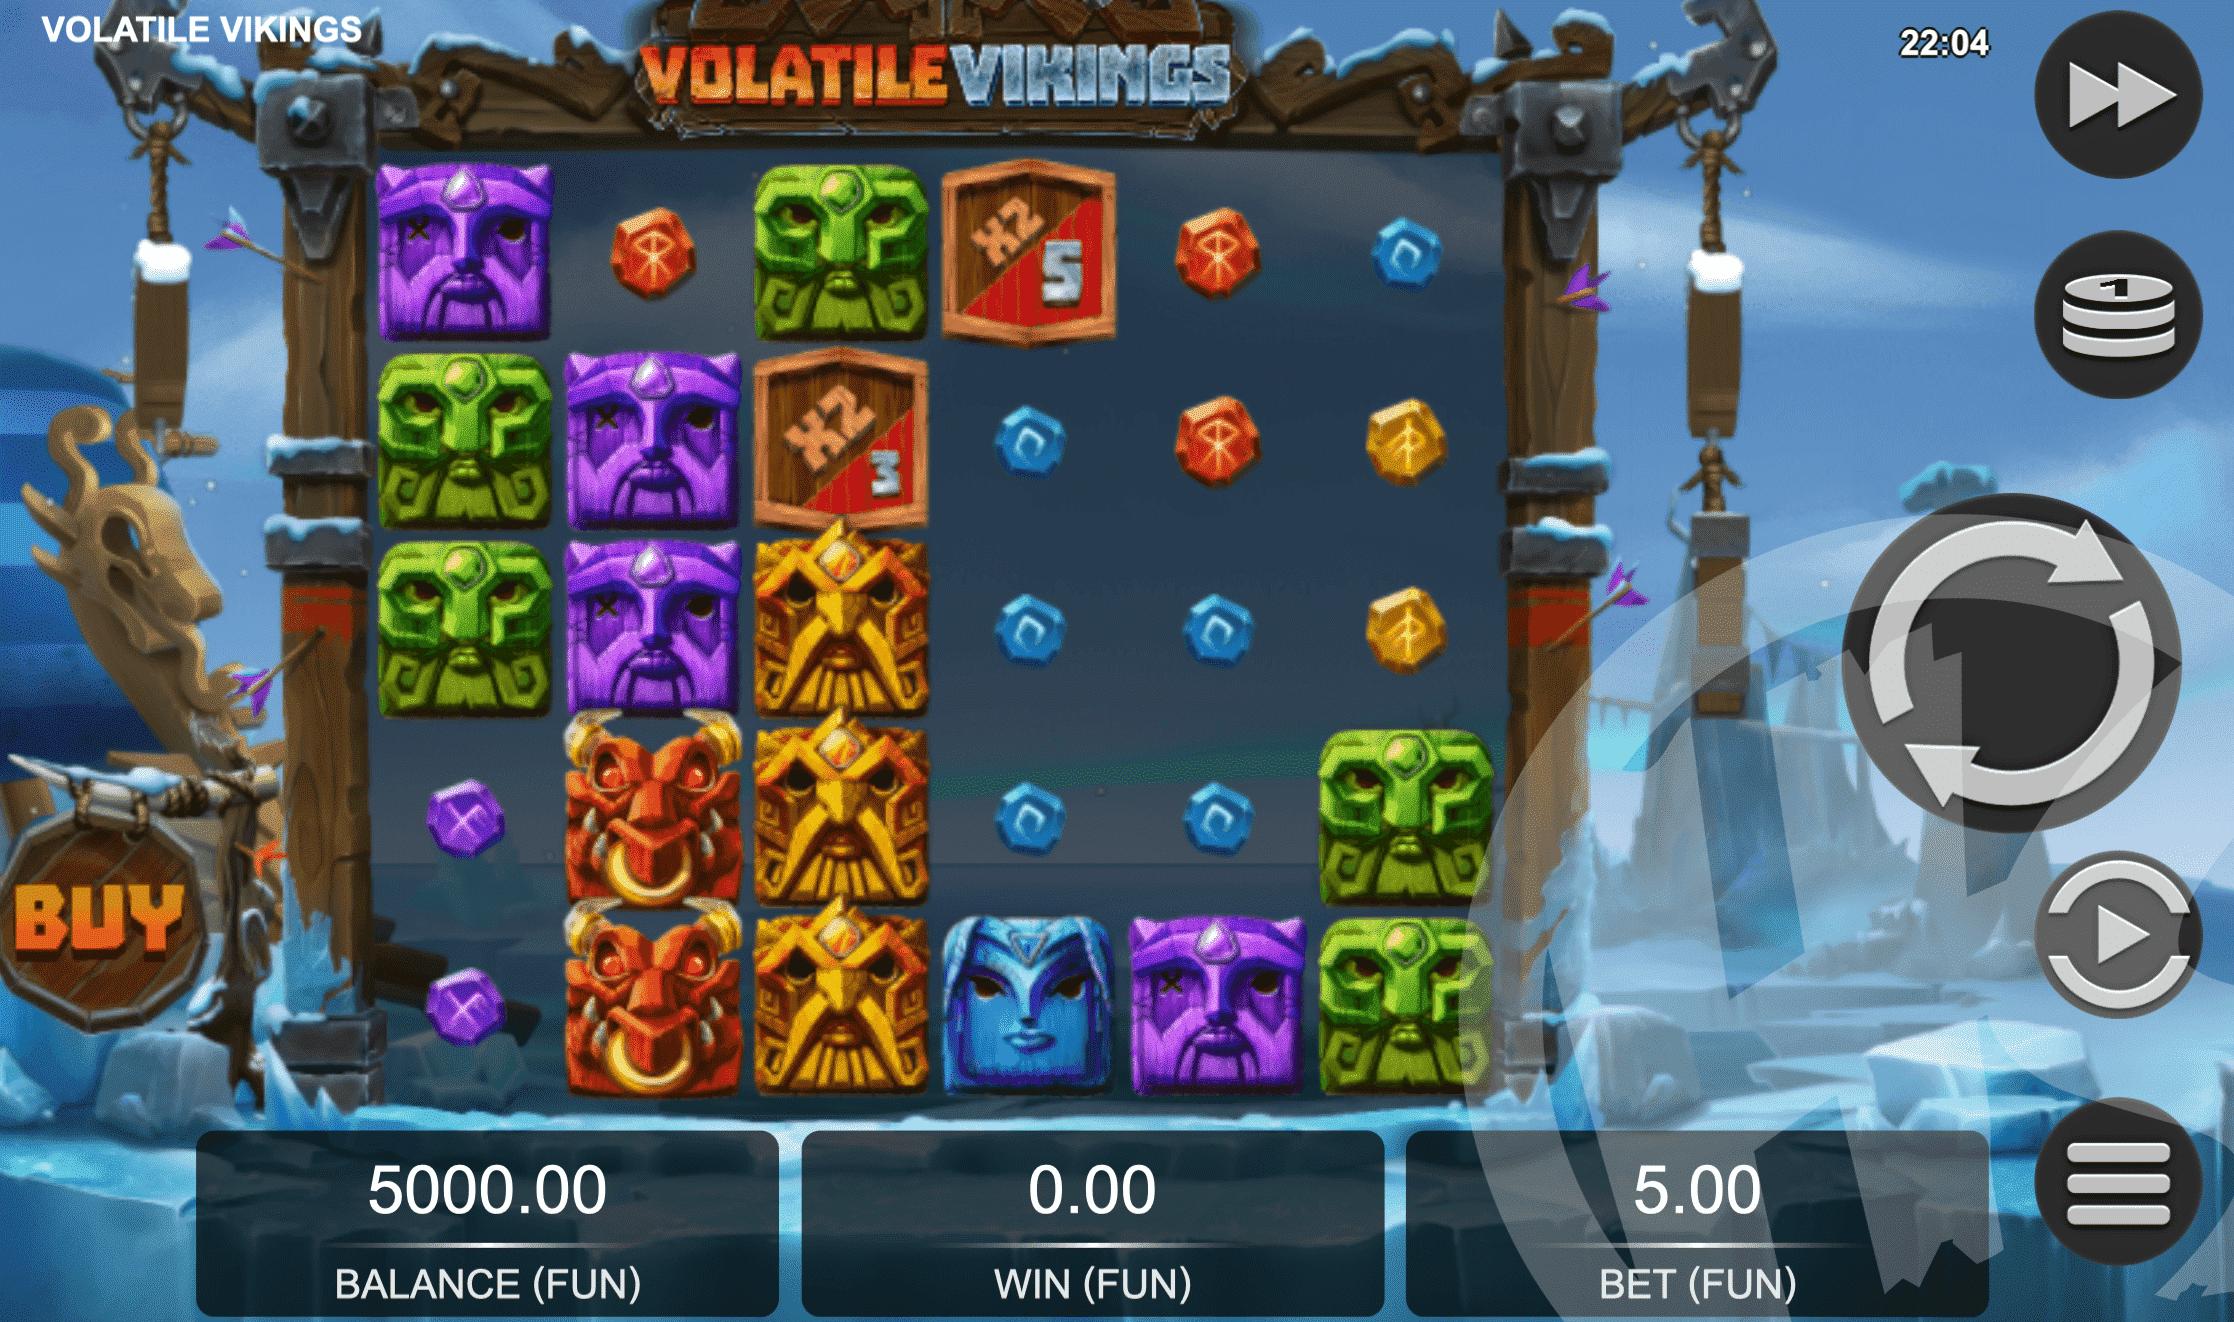 Volatile Vikings Base Game